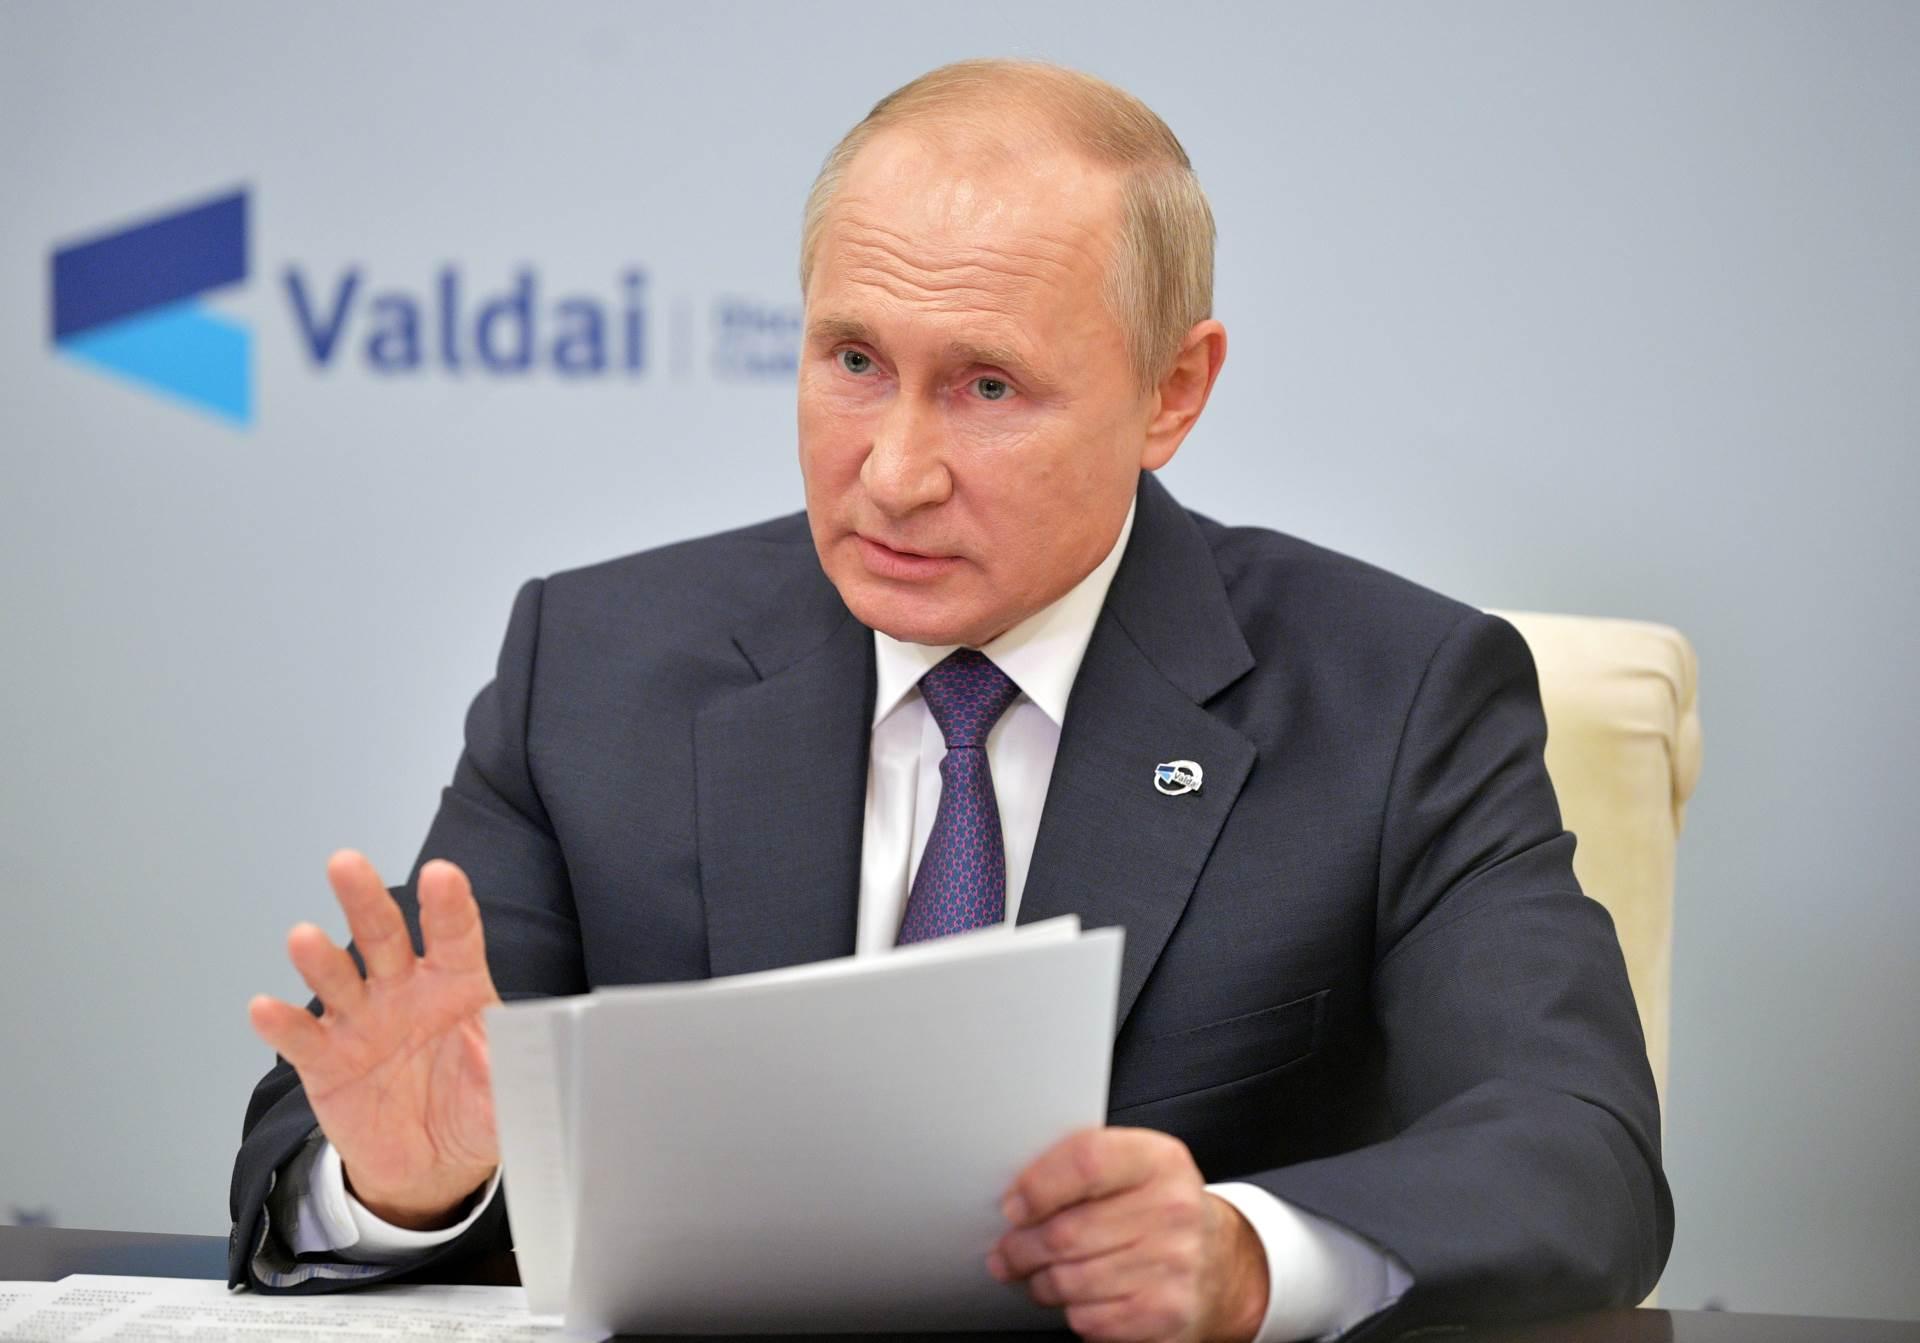 2020 10 22T173242Z 1629013640 RC2TNJ9PK0SY RTRMADP 3 RUSSIA PUTIN